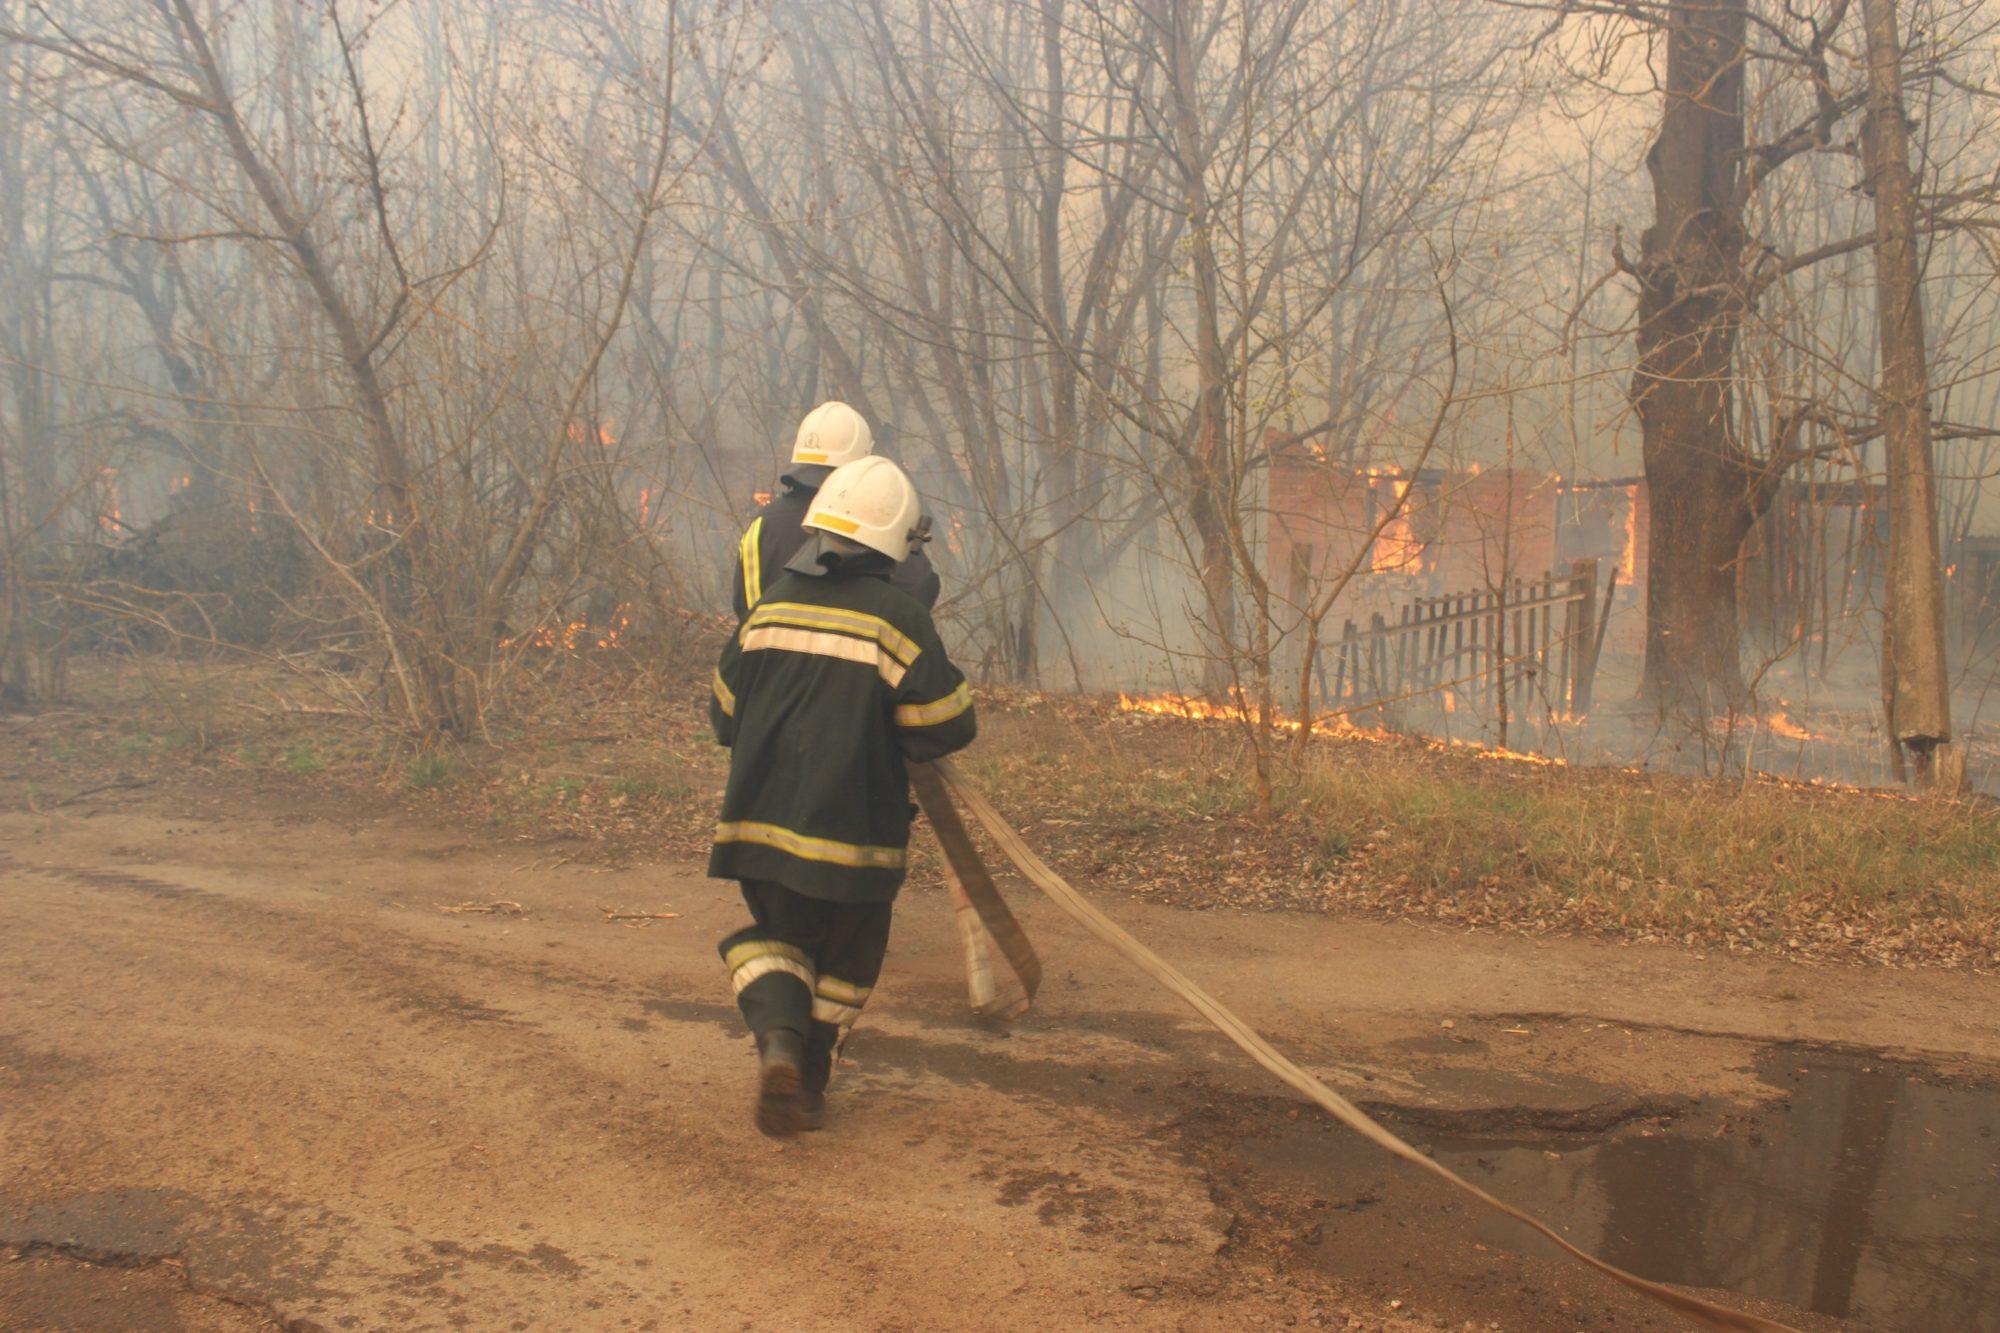 У Зоні відчуження продовжуються пожежі (ФОТО, ВІДЕО) - пожежі, Зона відчуження - rlrr 2000x1333